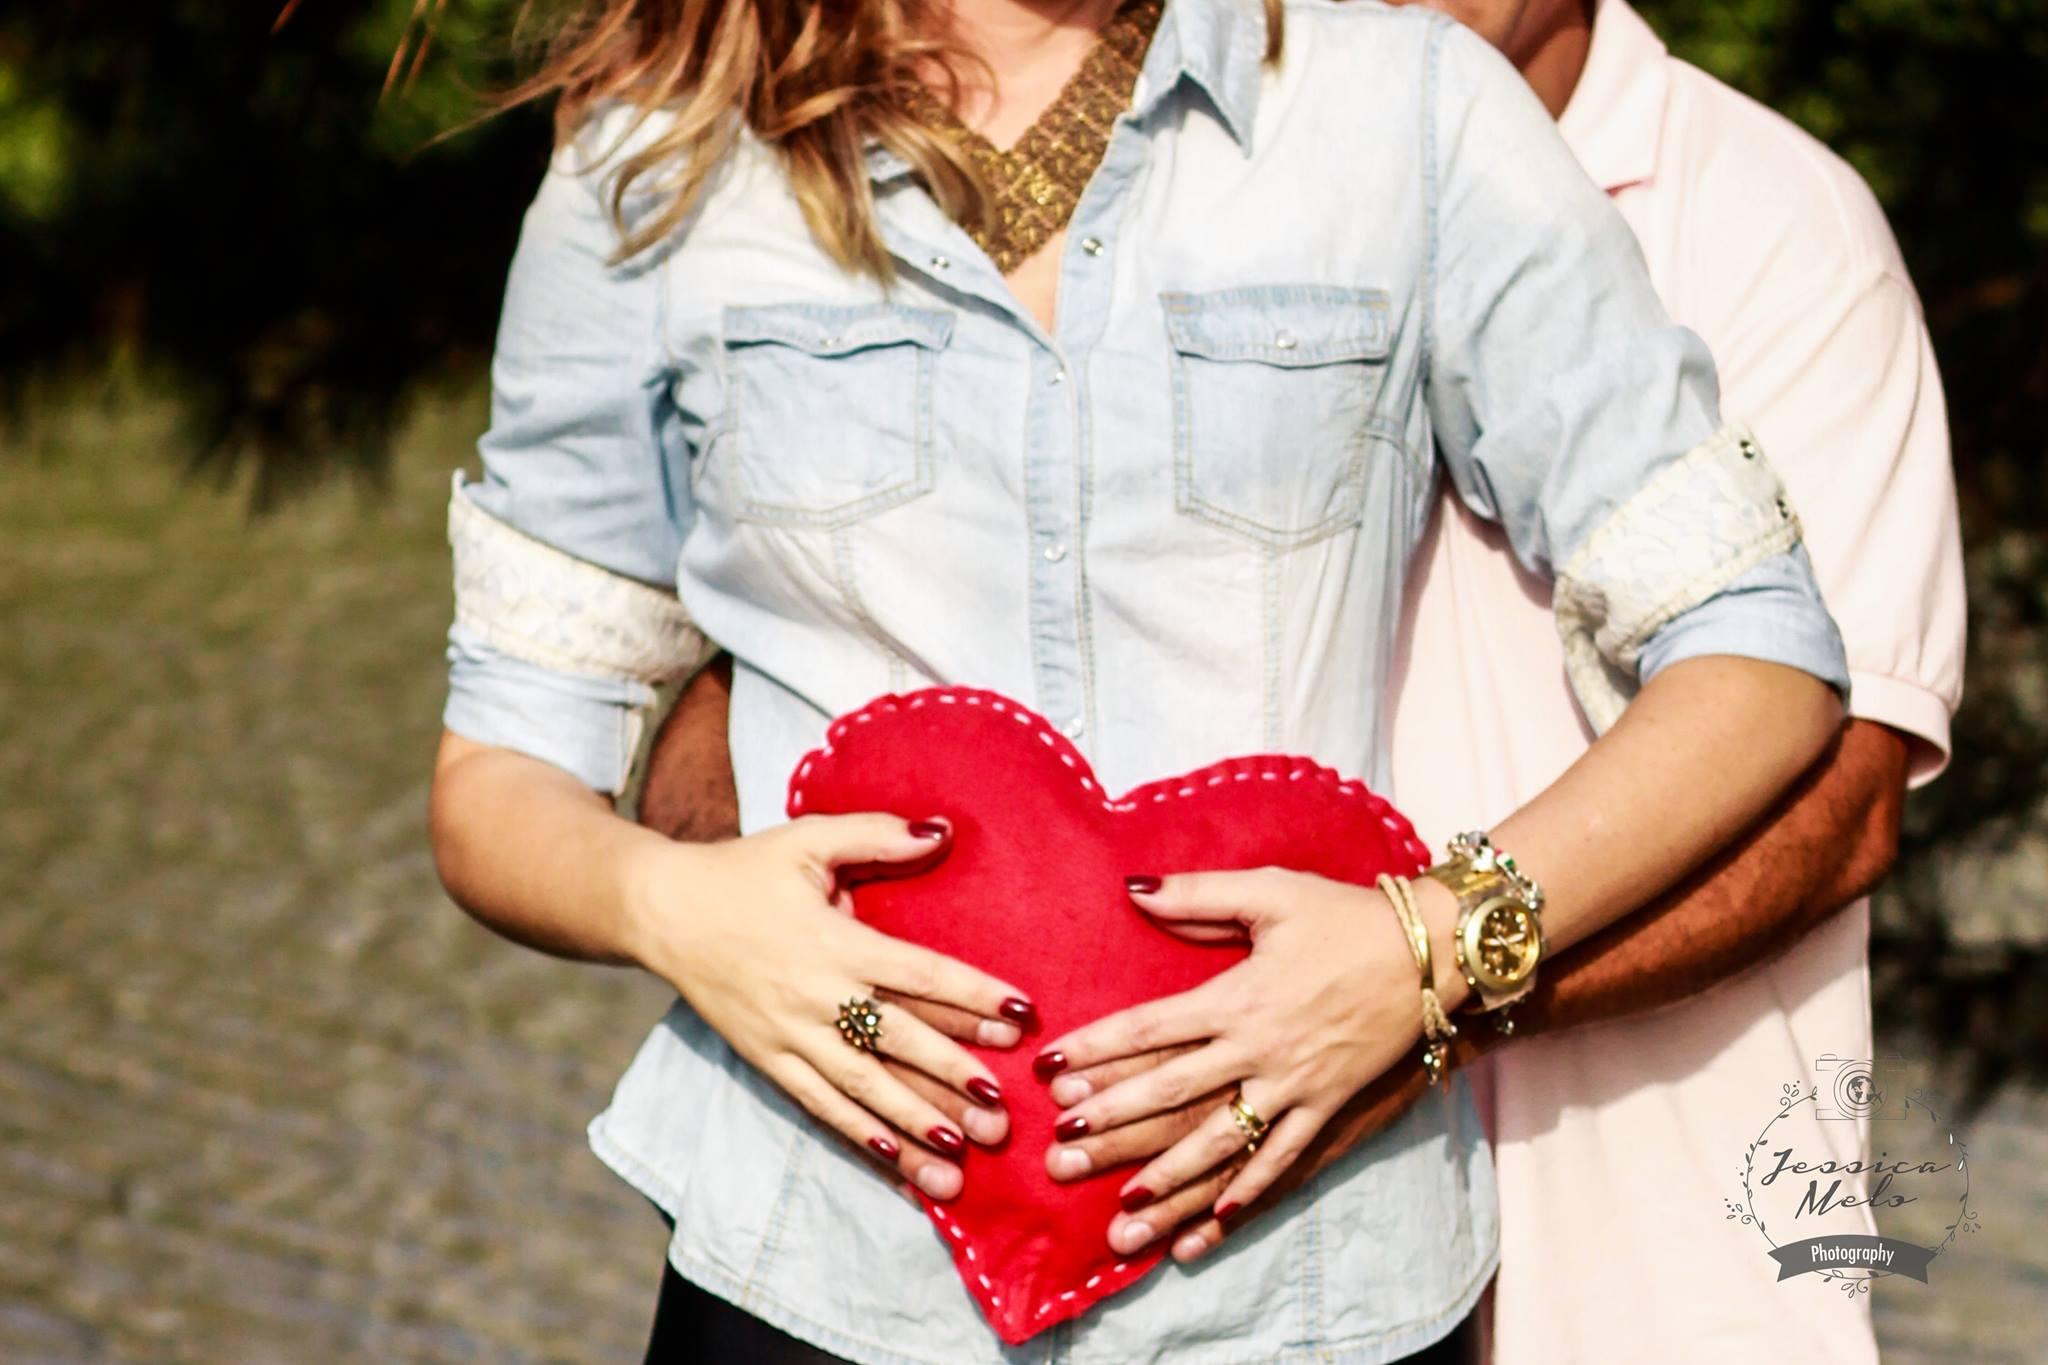 Ensaio fotográfico gestante do coração (adoção)